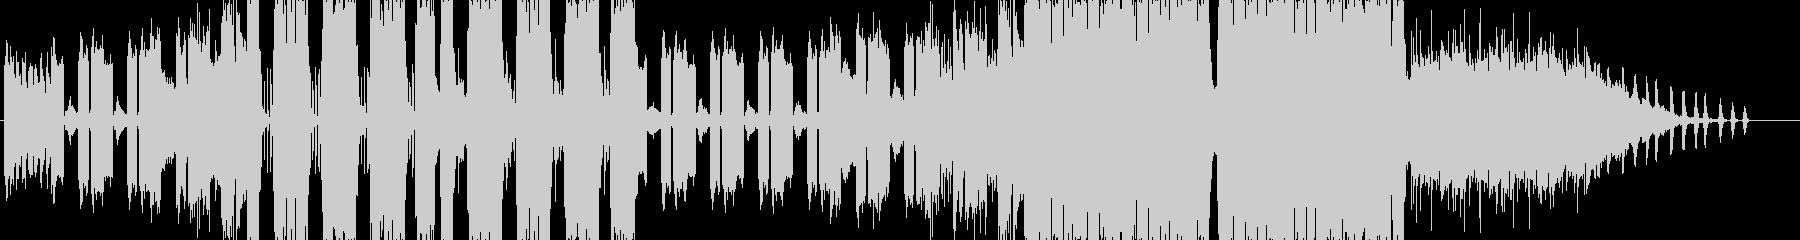 フューチャー / ベース / トラップの未再生の波形